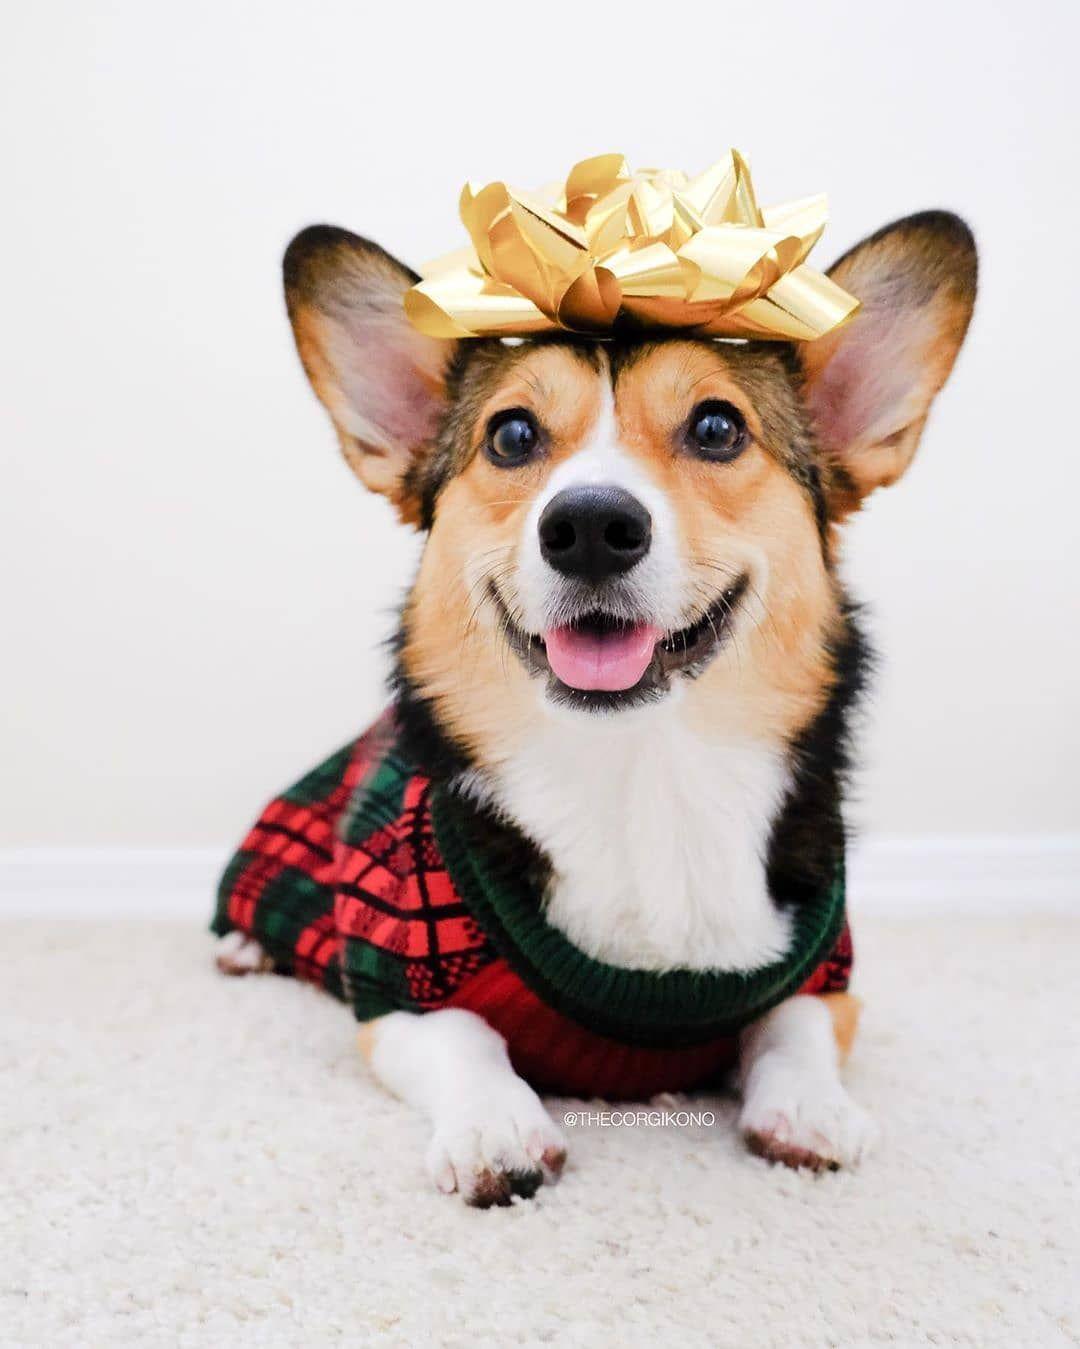 Creds @thecorgikono  Tag your friends  Merry Christmas! #christmascorgi #corgichristmas #christmas #xmas #merrychristmas #christmastime #christmasgifts #christmasiscoming #christmasdecorations #christmasgift #christmasdogs #XMASDOGS #christmaspups #doggiechristmas #christmaspuppy #christmasishere #christmasvibes #corgi #corgination #corgisofinstagram #corgicommunity #corgistagram #corgilove #corgis #corgipuppy #corgilover #corgilife #instacorgi #corgidaily #corgidog